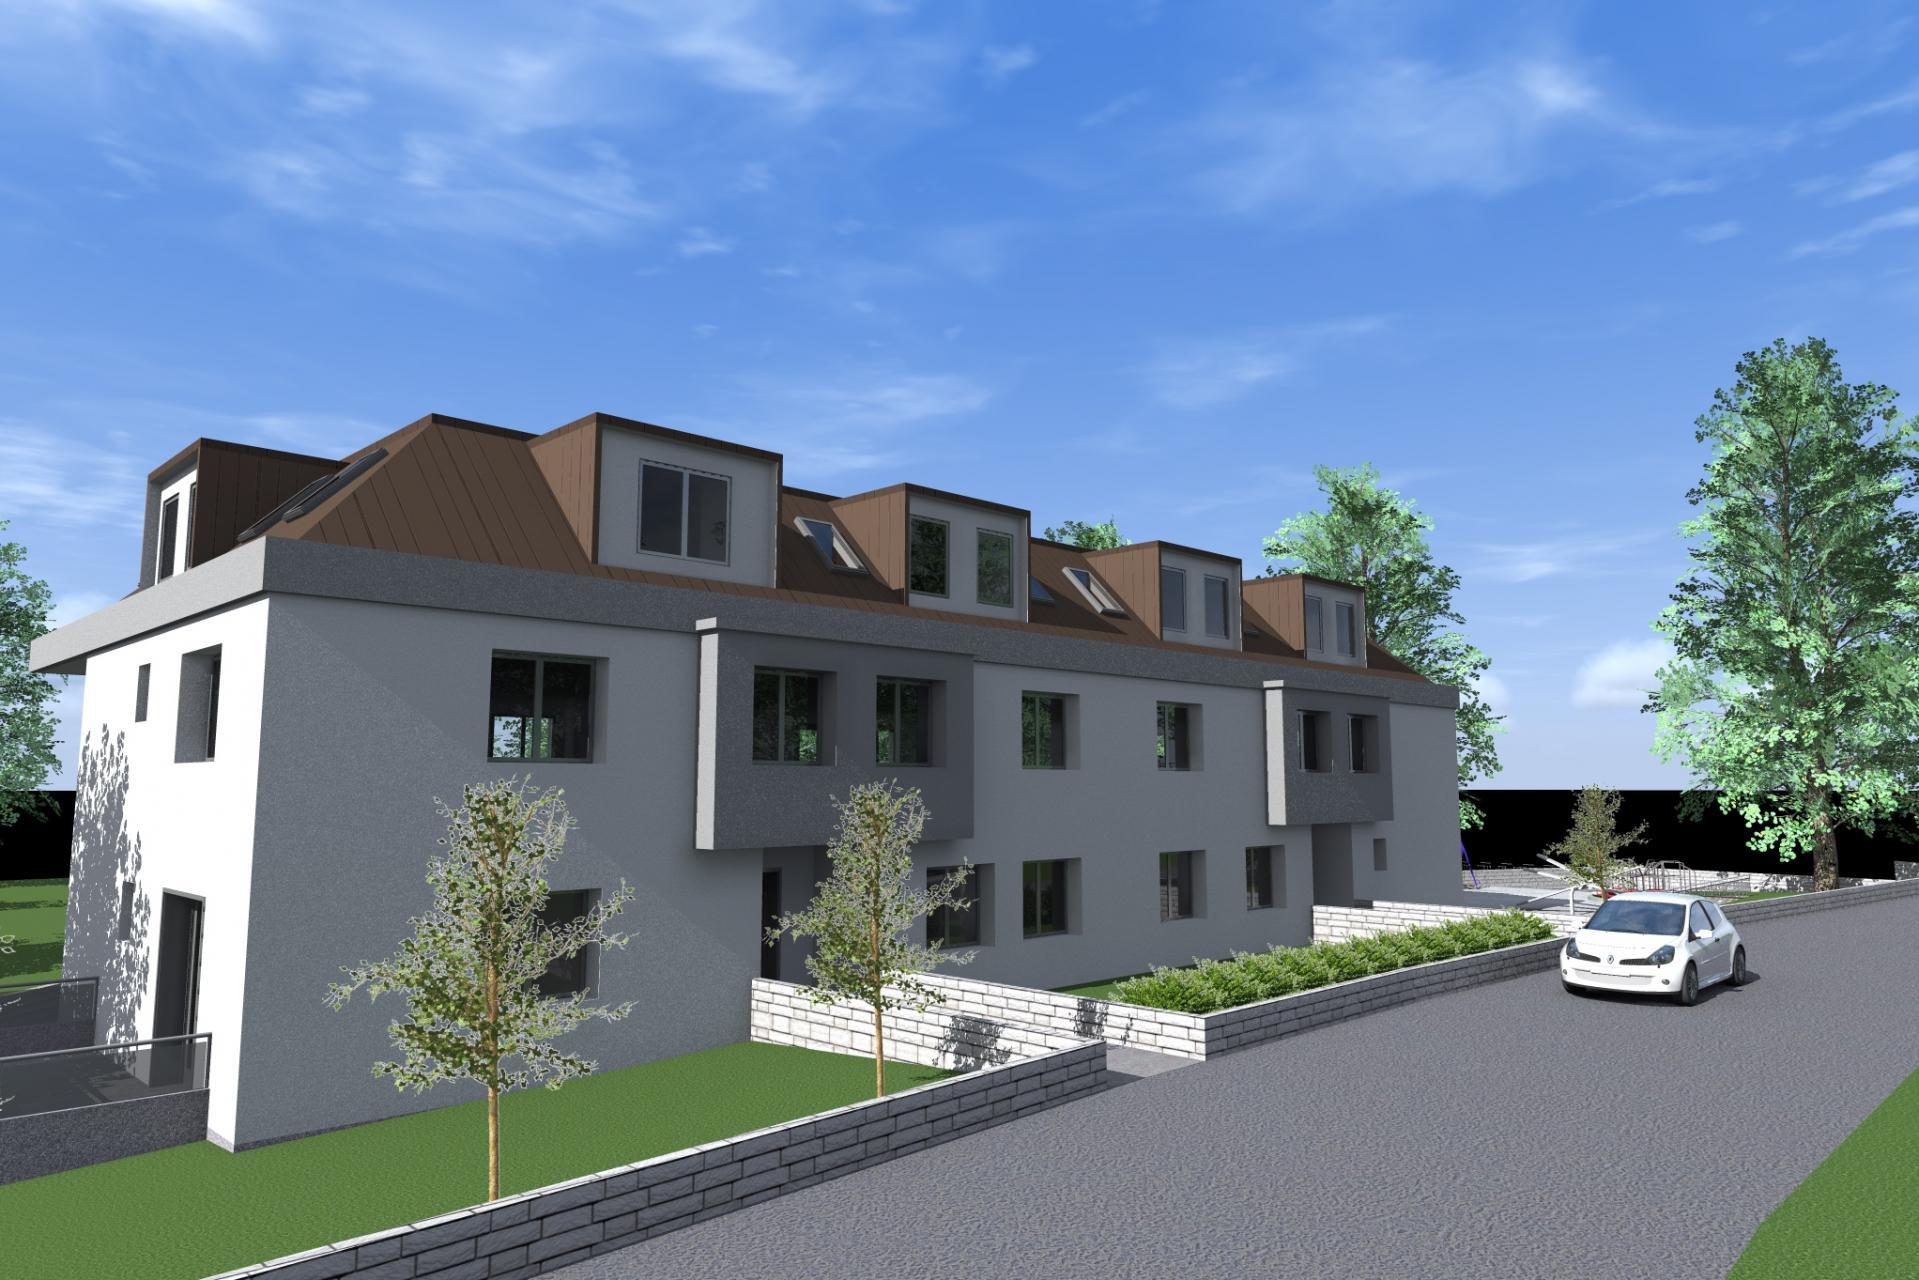 Verkauf Wohnung - Lieler - Luxemburg